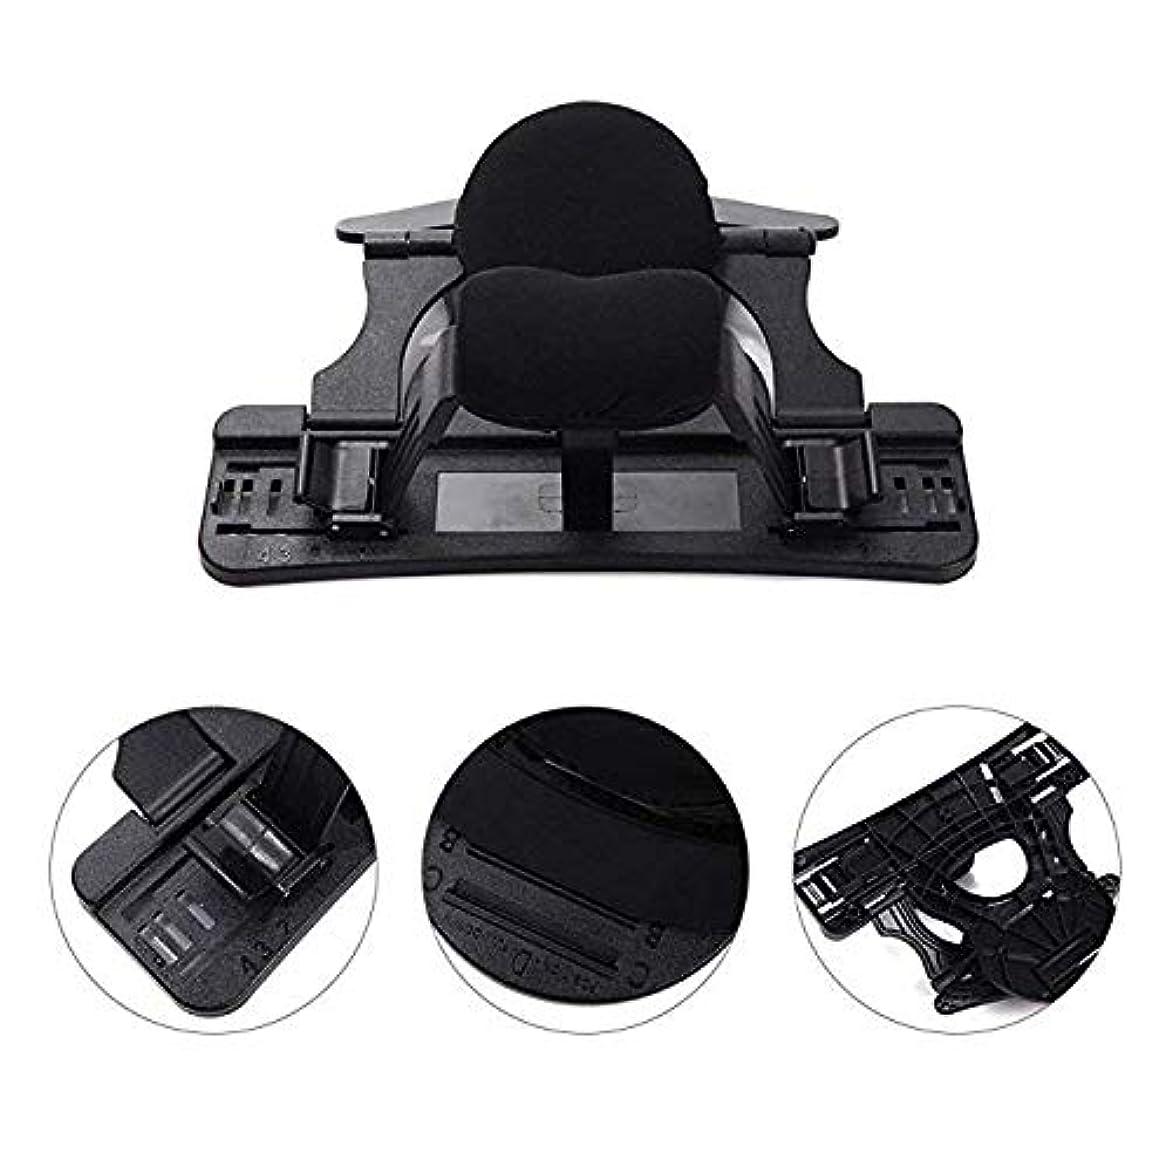 首牽引装置、首のマッサージャーの首の伸張器サポート枕調節可能な理学療法の家の大人の熱い圧縮の首の伸張の首の訂正,黒